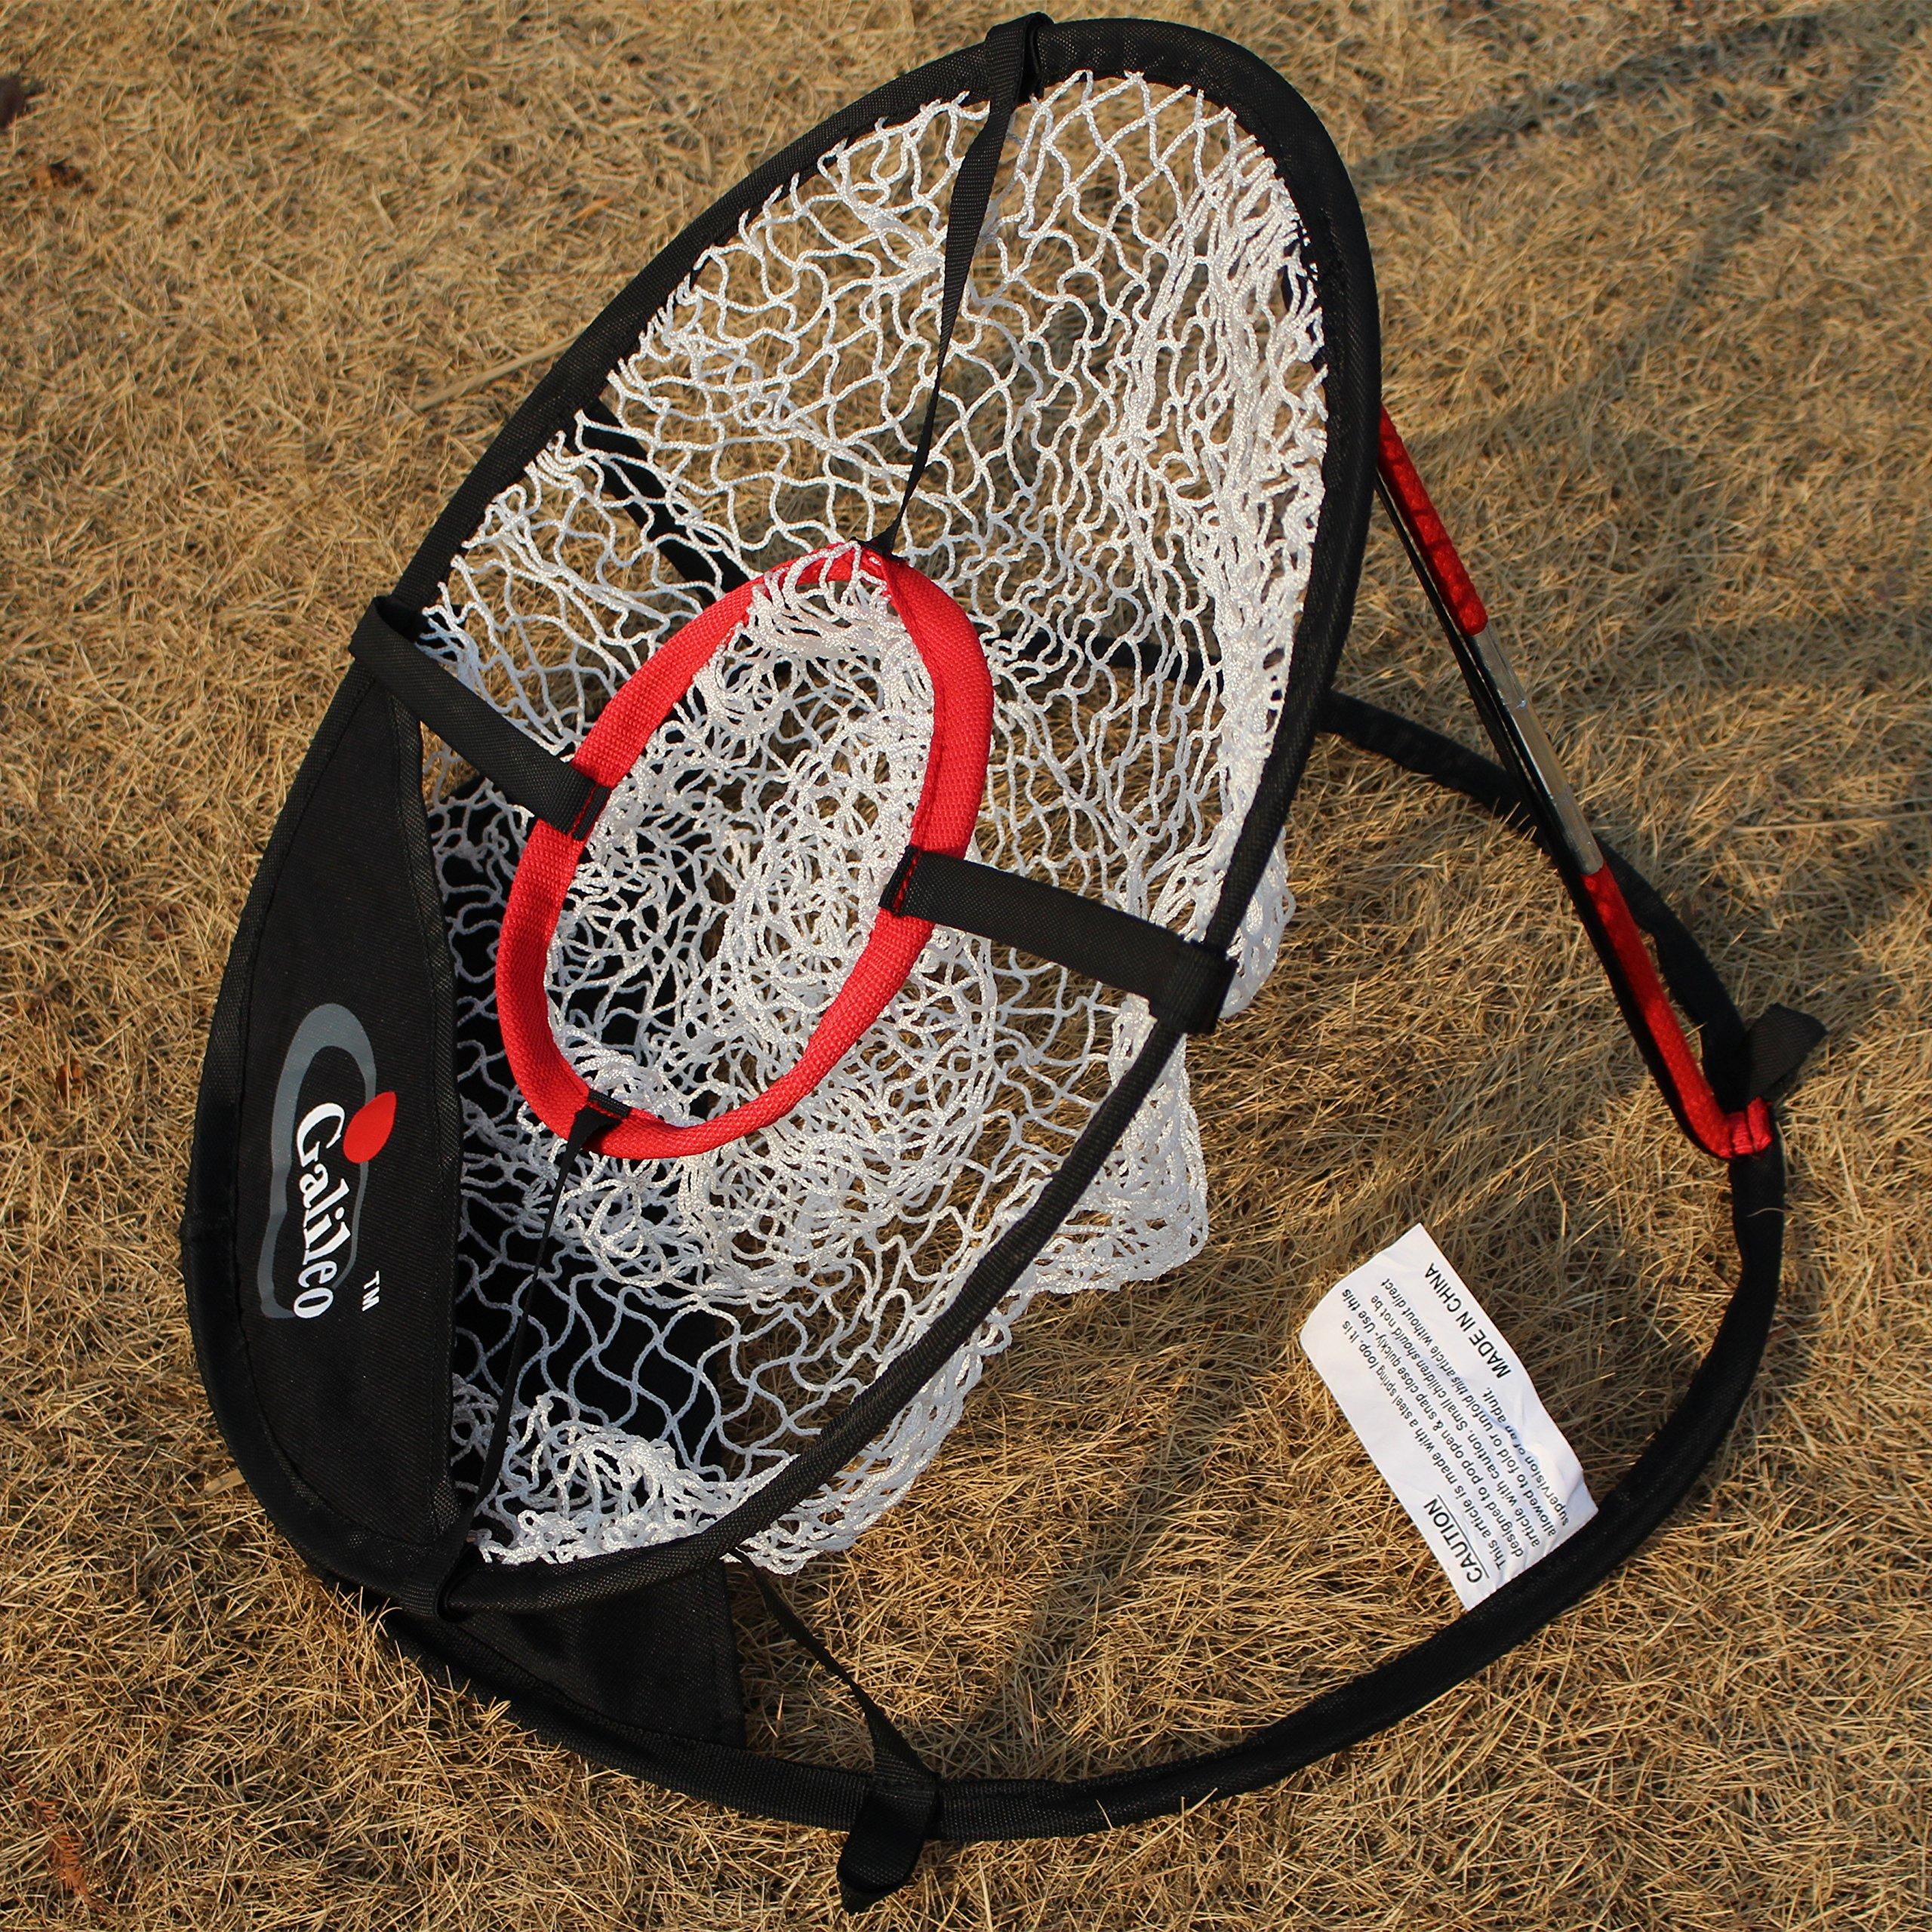 Golf net with Target net Diameter 50cm ' Pop Up Golf Chipping Net | Outdoor & Indoor Golfing Target Accessories and Backyard Practice Swing Game